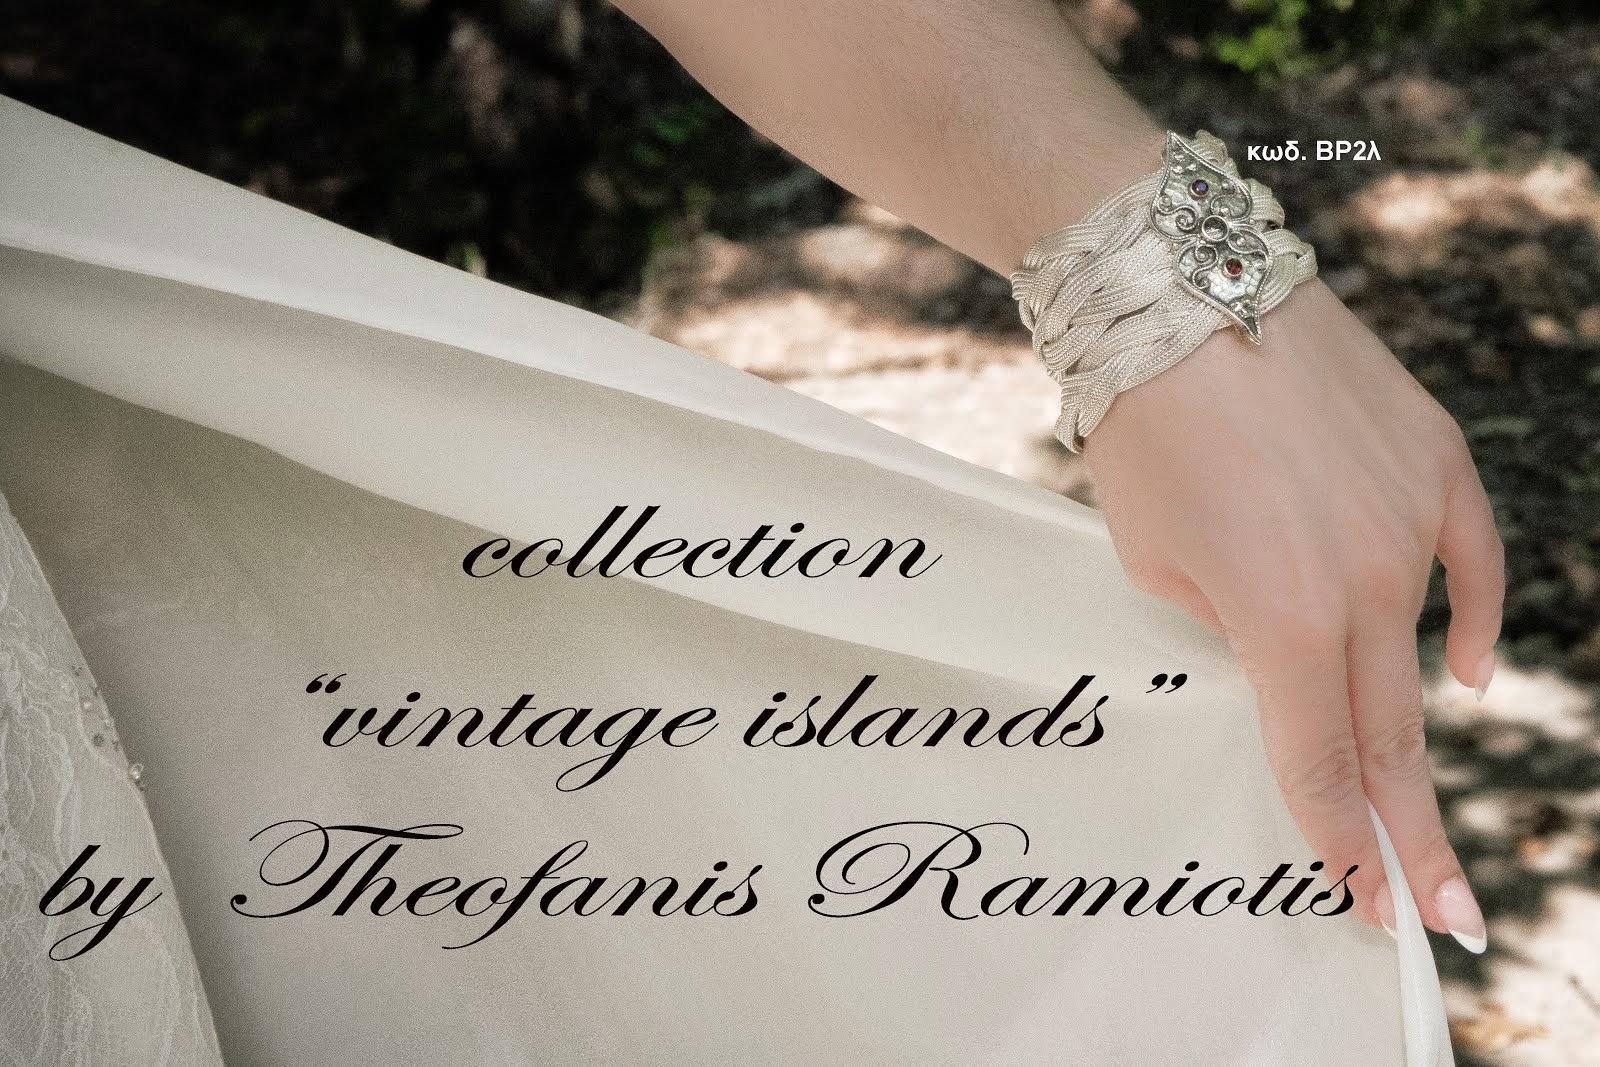 πατήστε πάνω στην εικόνα για να δείτε την συλλογή κοσμηματων μας VINTAGE ISLANDS